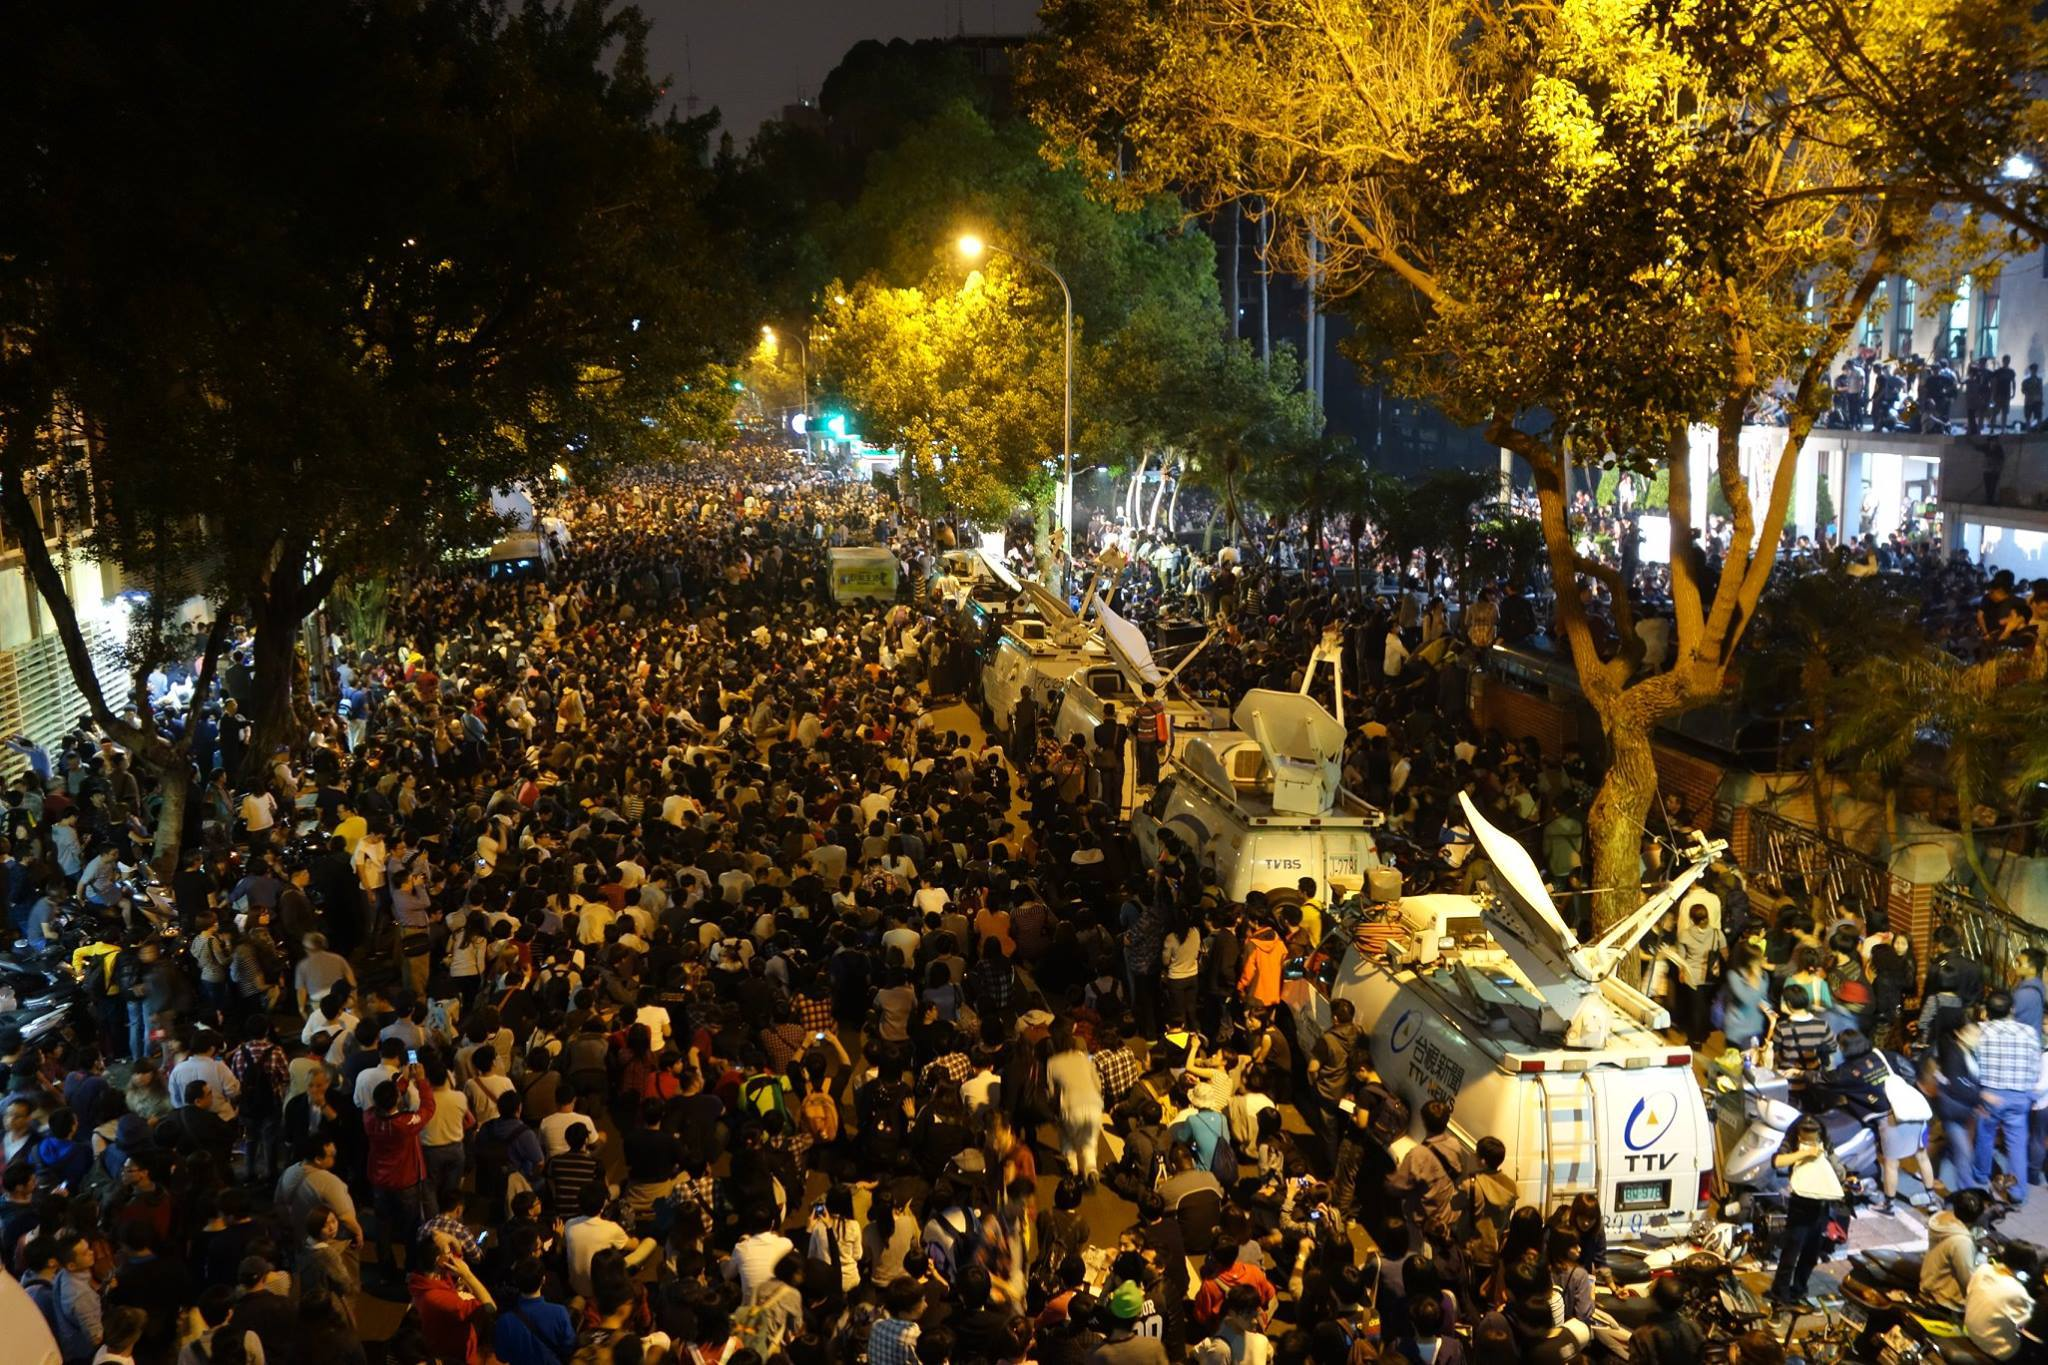 青島東路已聚集超過一萬名以上群眾。